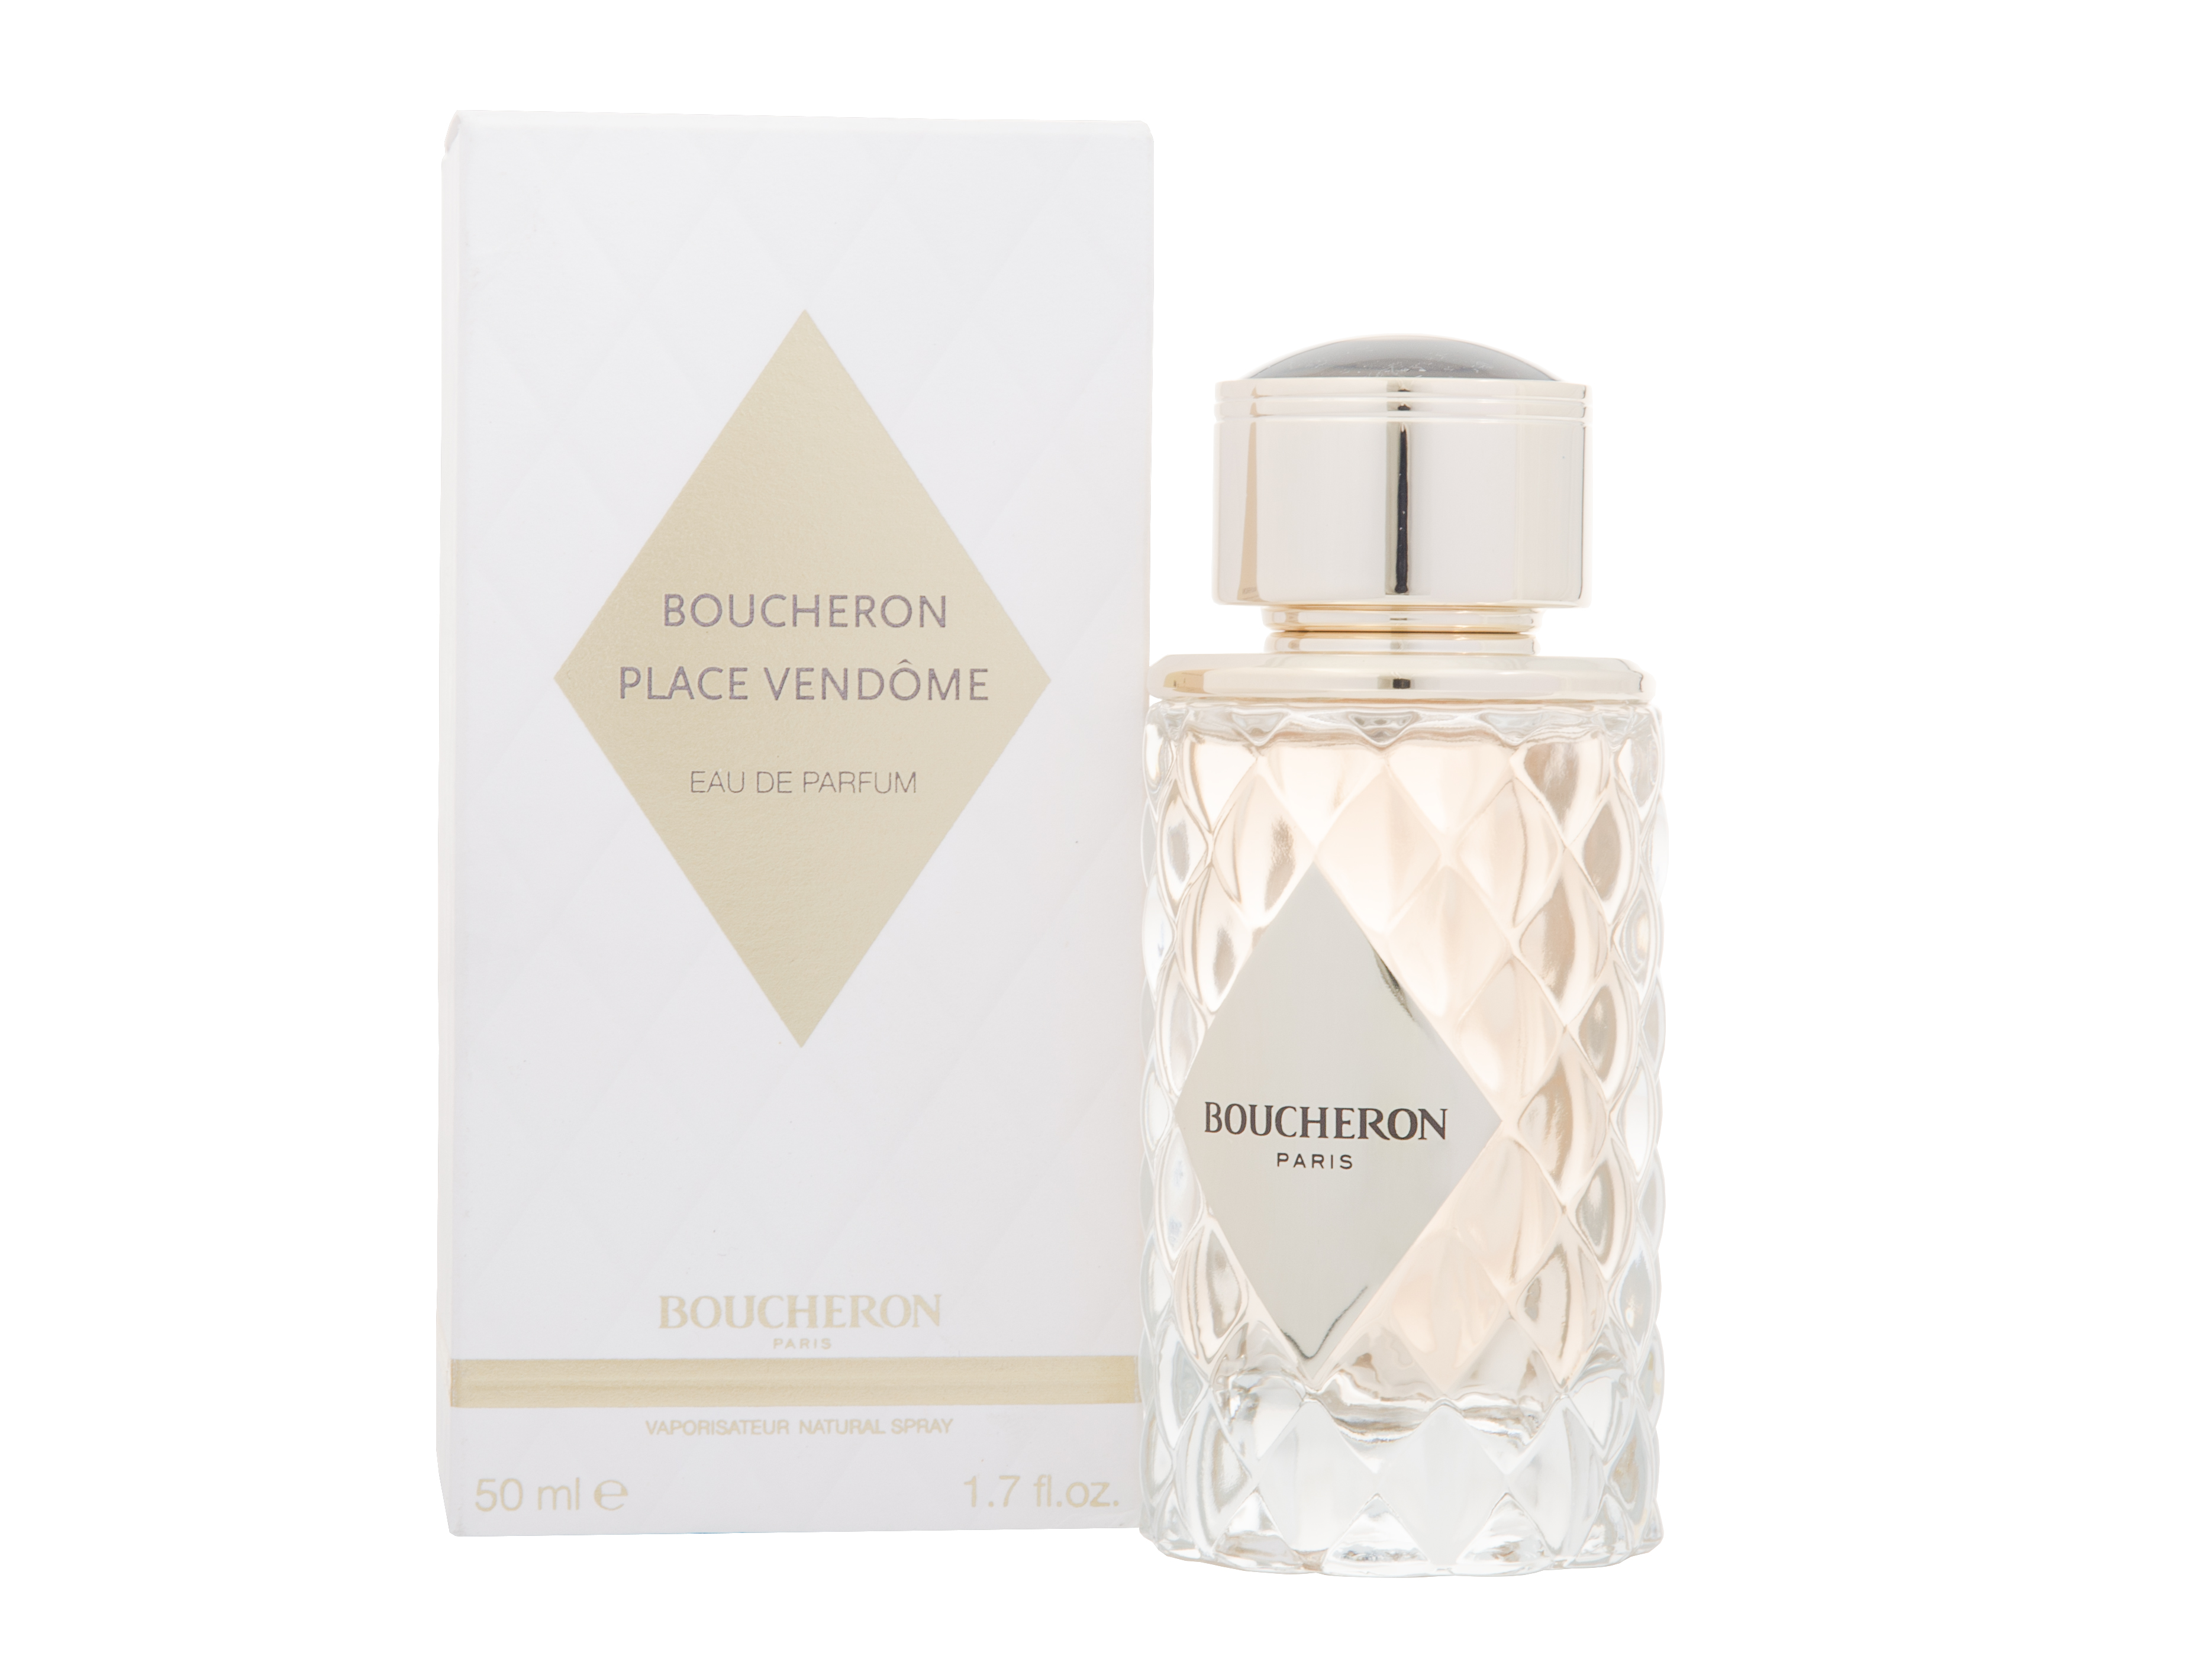 Boucheron Place Vendôme Eau de Parfum 50ml